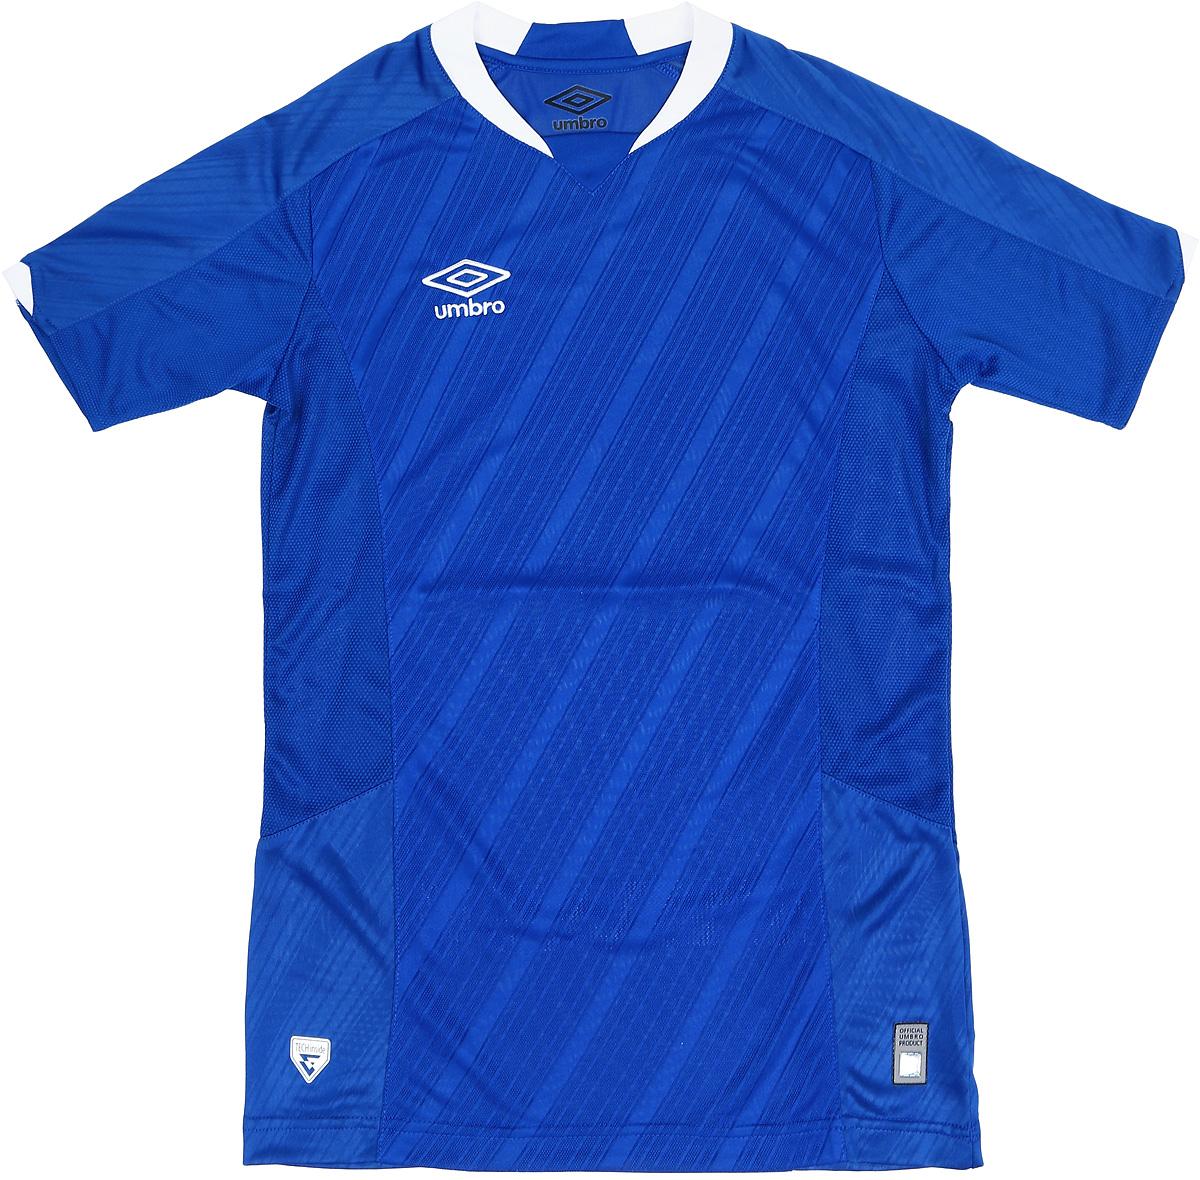 Футболка для мальчика Umbro Armada Jersey Ss, цвет: синий, белый. 120115. Размер YXL (158)120115Технологичная игровая футболка футбольная для взрослых. Прекрасно подойдет для игр и частых и активных футбольных тренировок. Прилегающий силуэт для большего комфорта и удобства в игре. Выполнена из воздухопроницаемого трикотажа с перфорированным рисунко на передней части. Вставки из сетки под рукавом и на боковой части для отвода влаги. Технология Tech Inside.